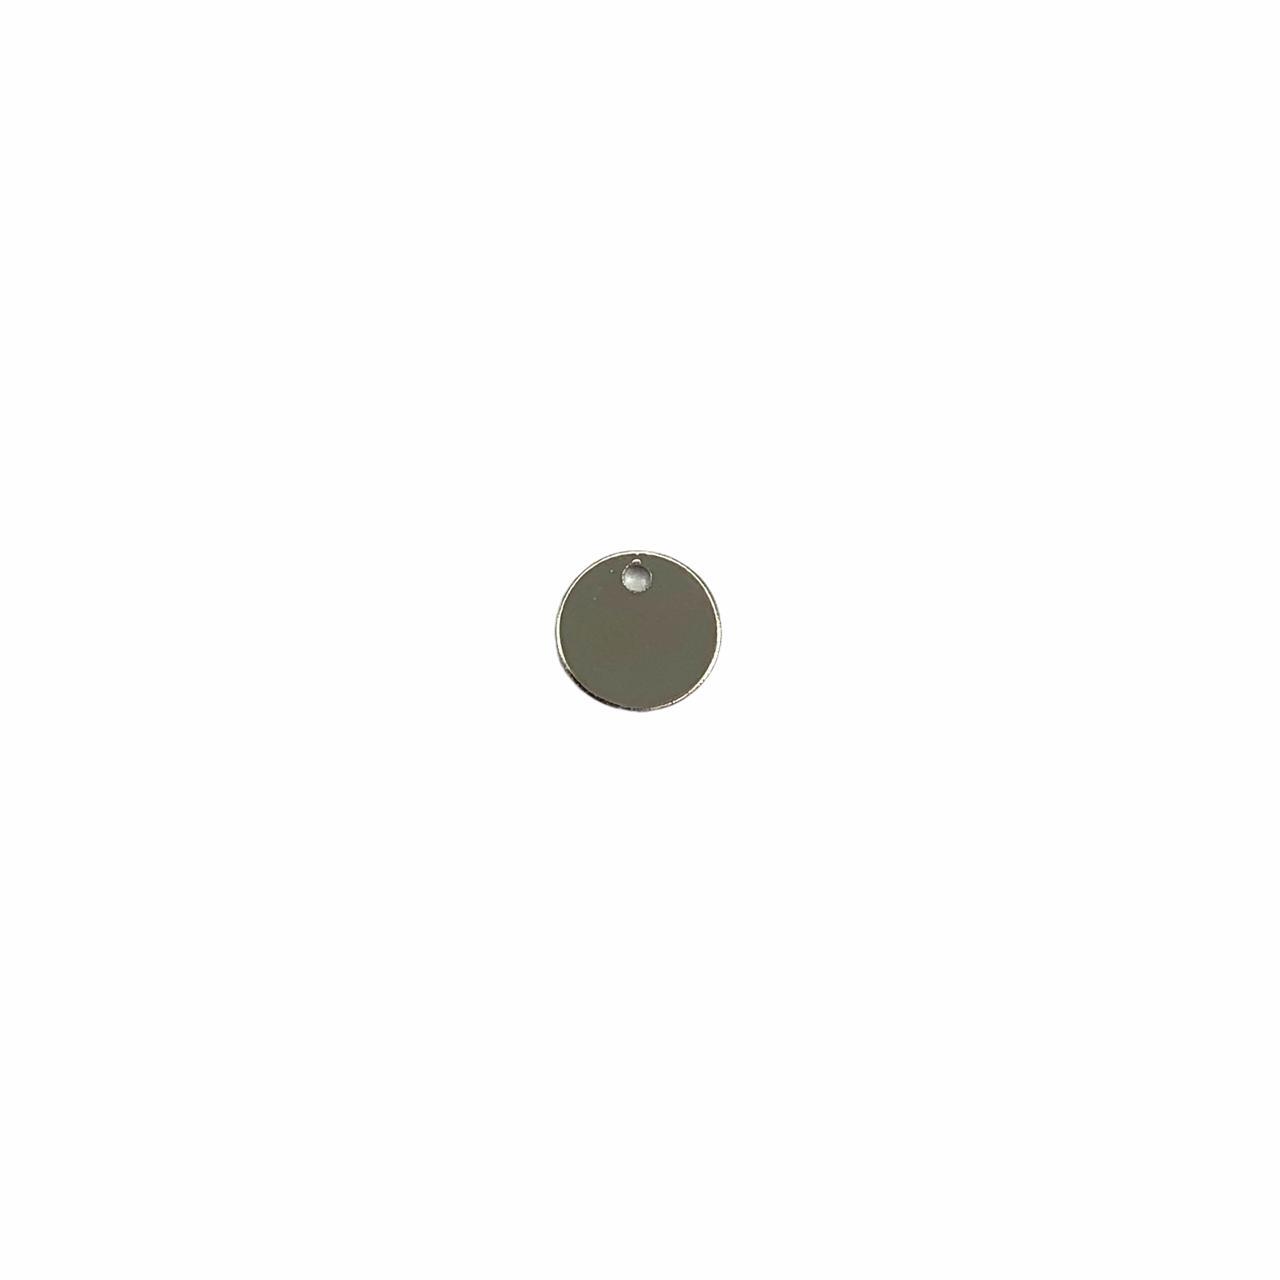 PG849 - Pingente Redondo 6mm Banhado Cor Prata - 10Unids